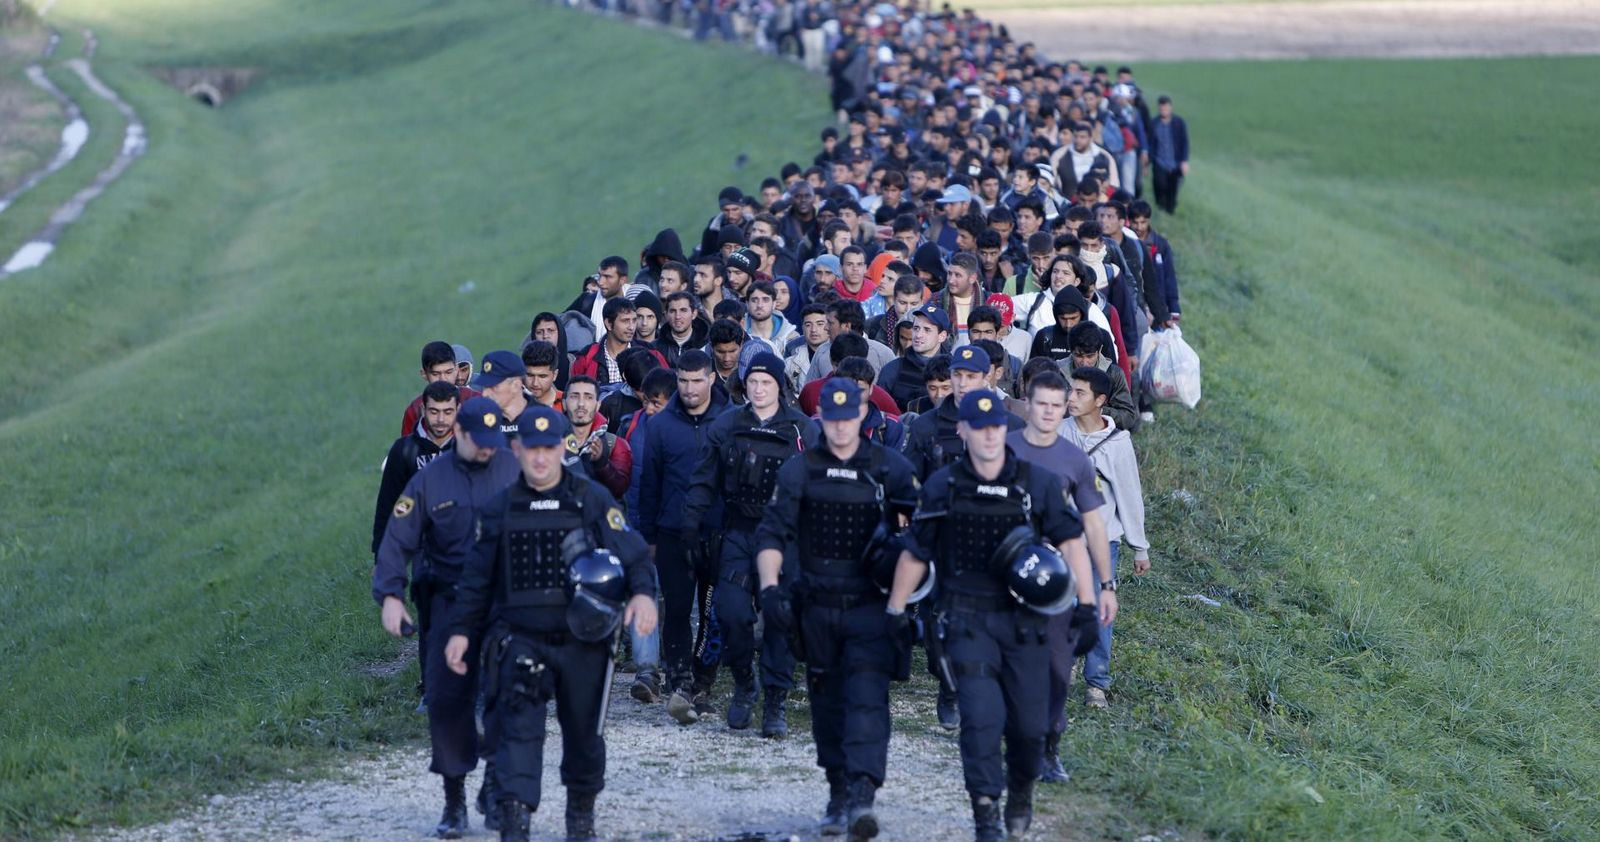 Cómo dos Naciones Cristianas Batallan Contra el Plan Soros para Descristianizar Europa